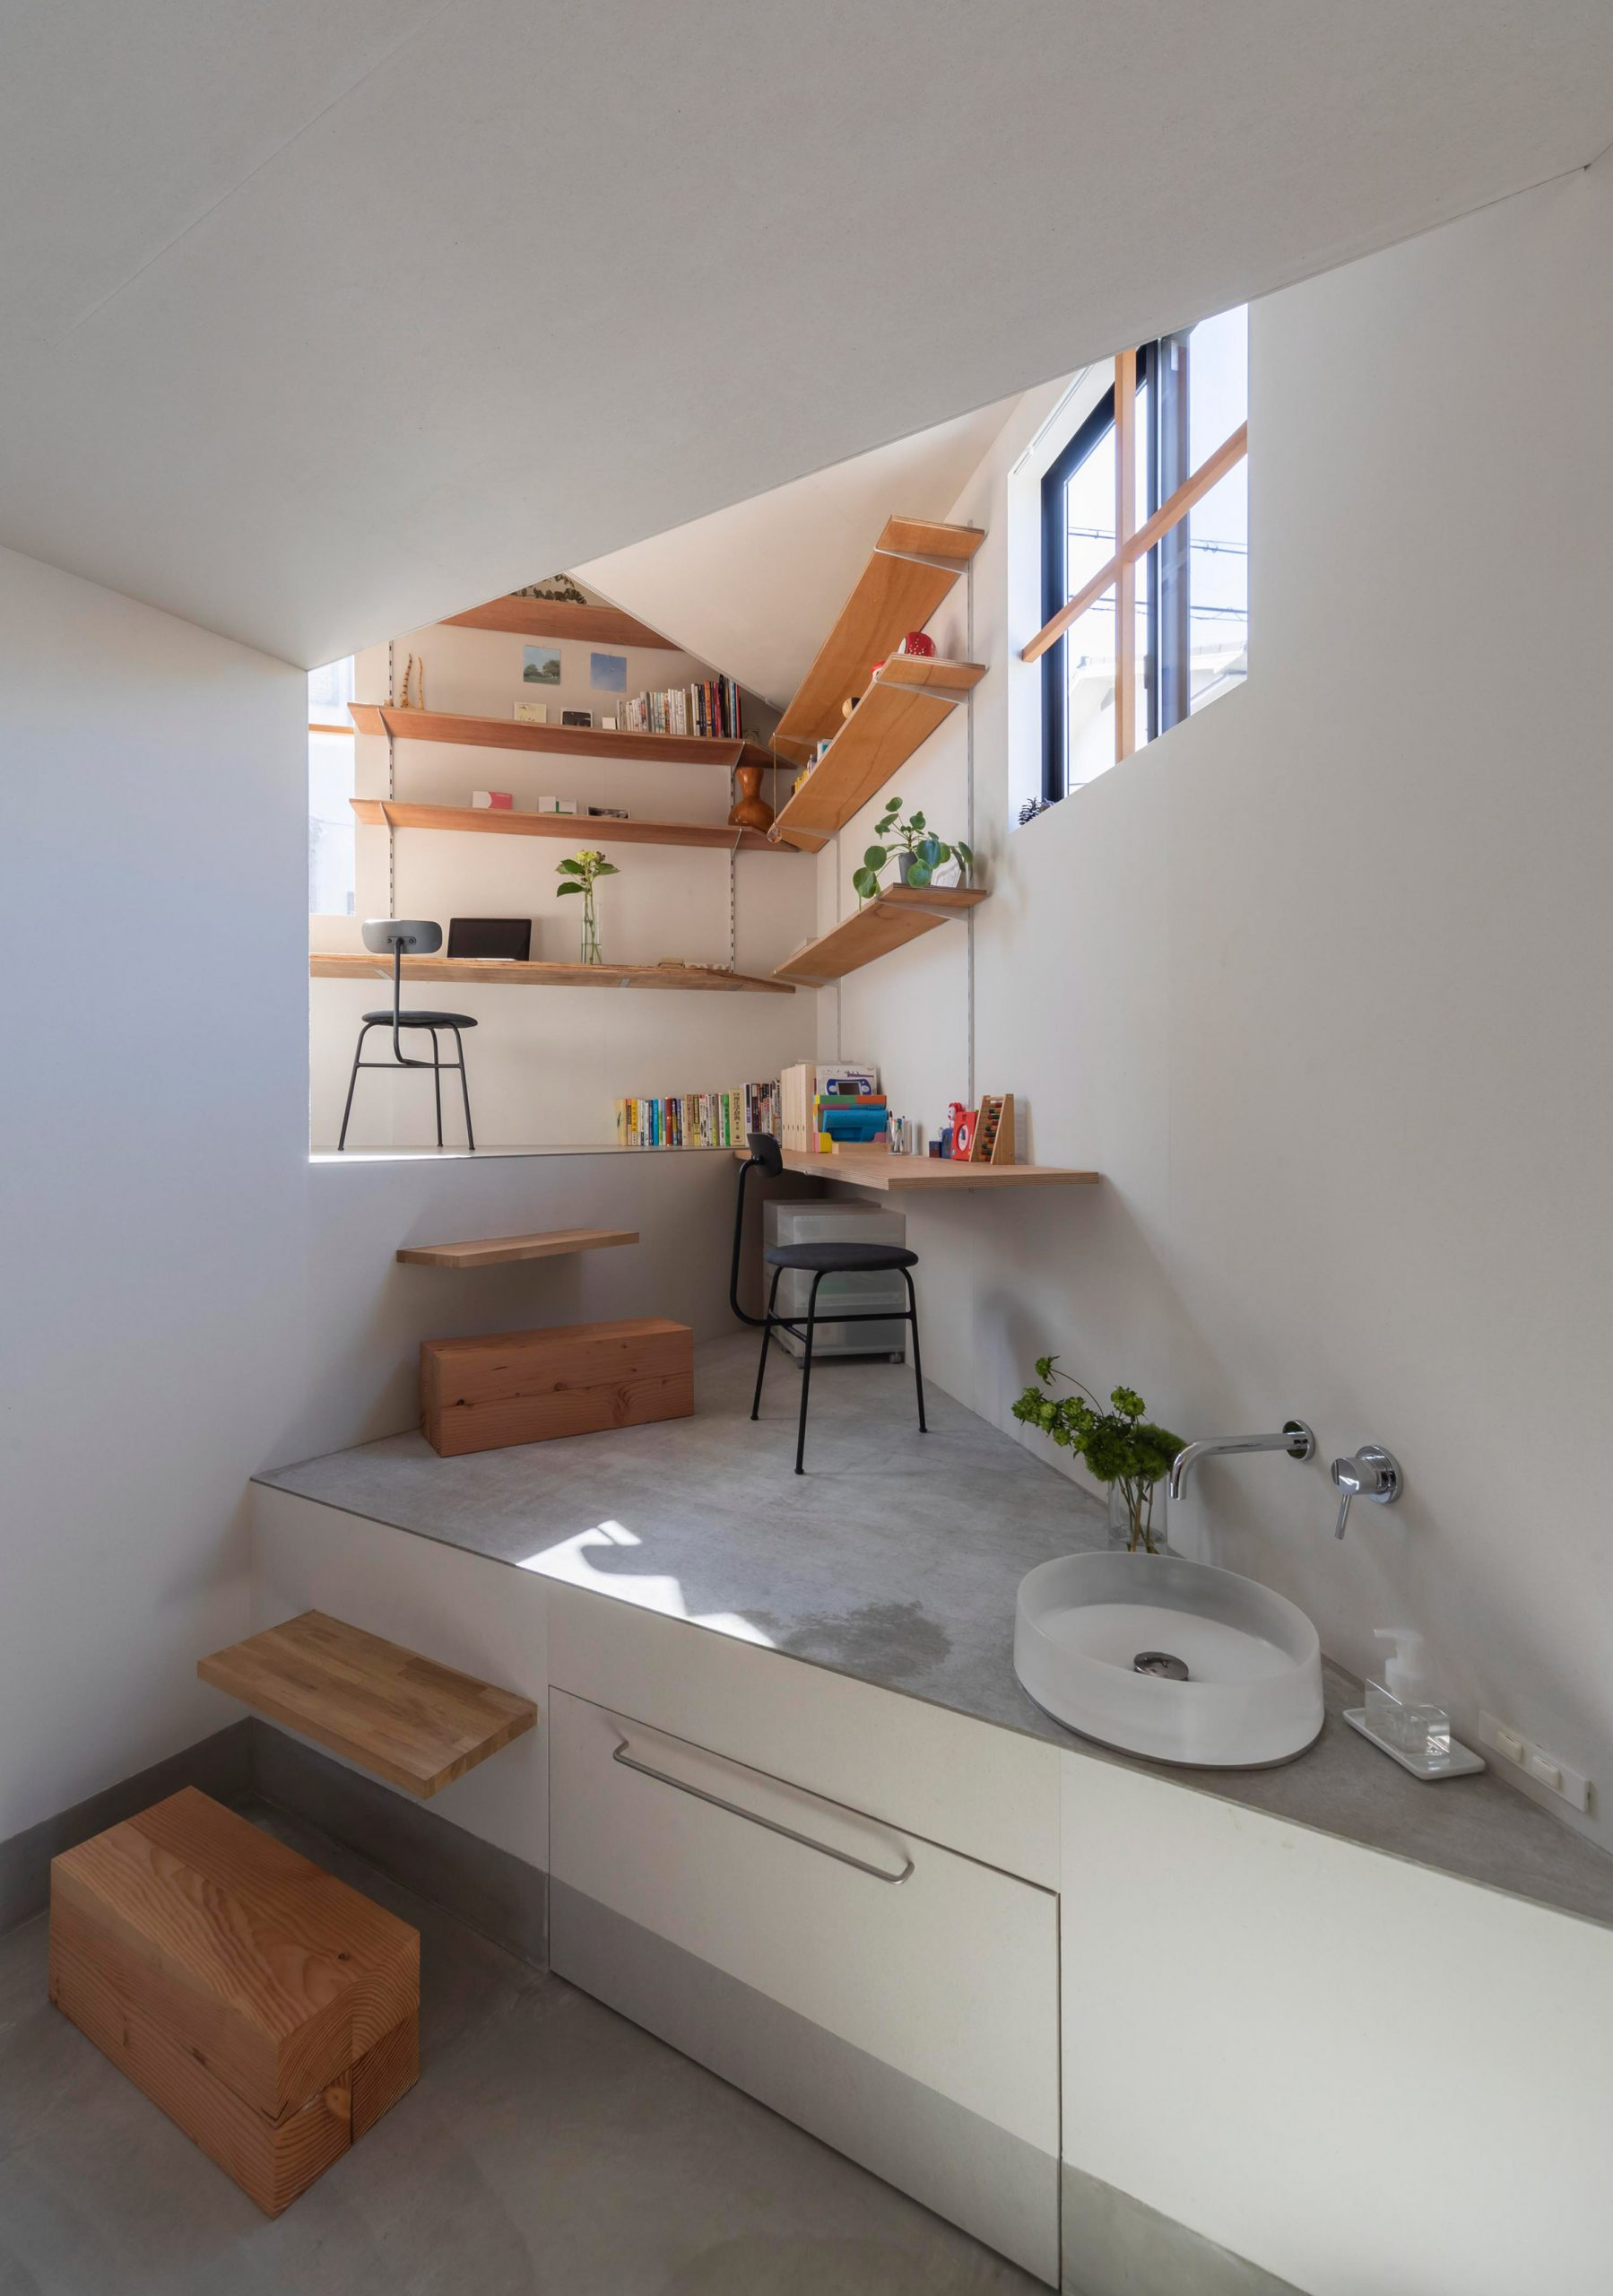 Thiết kế nội thất căn hộ nhỏ 1